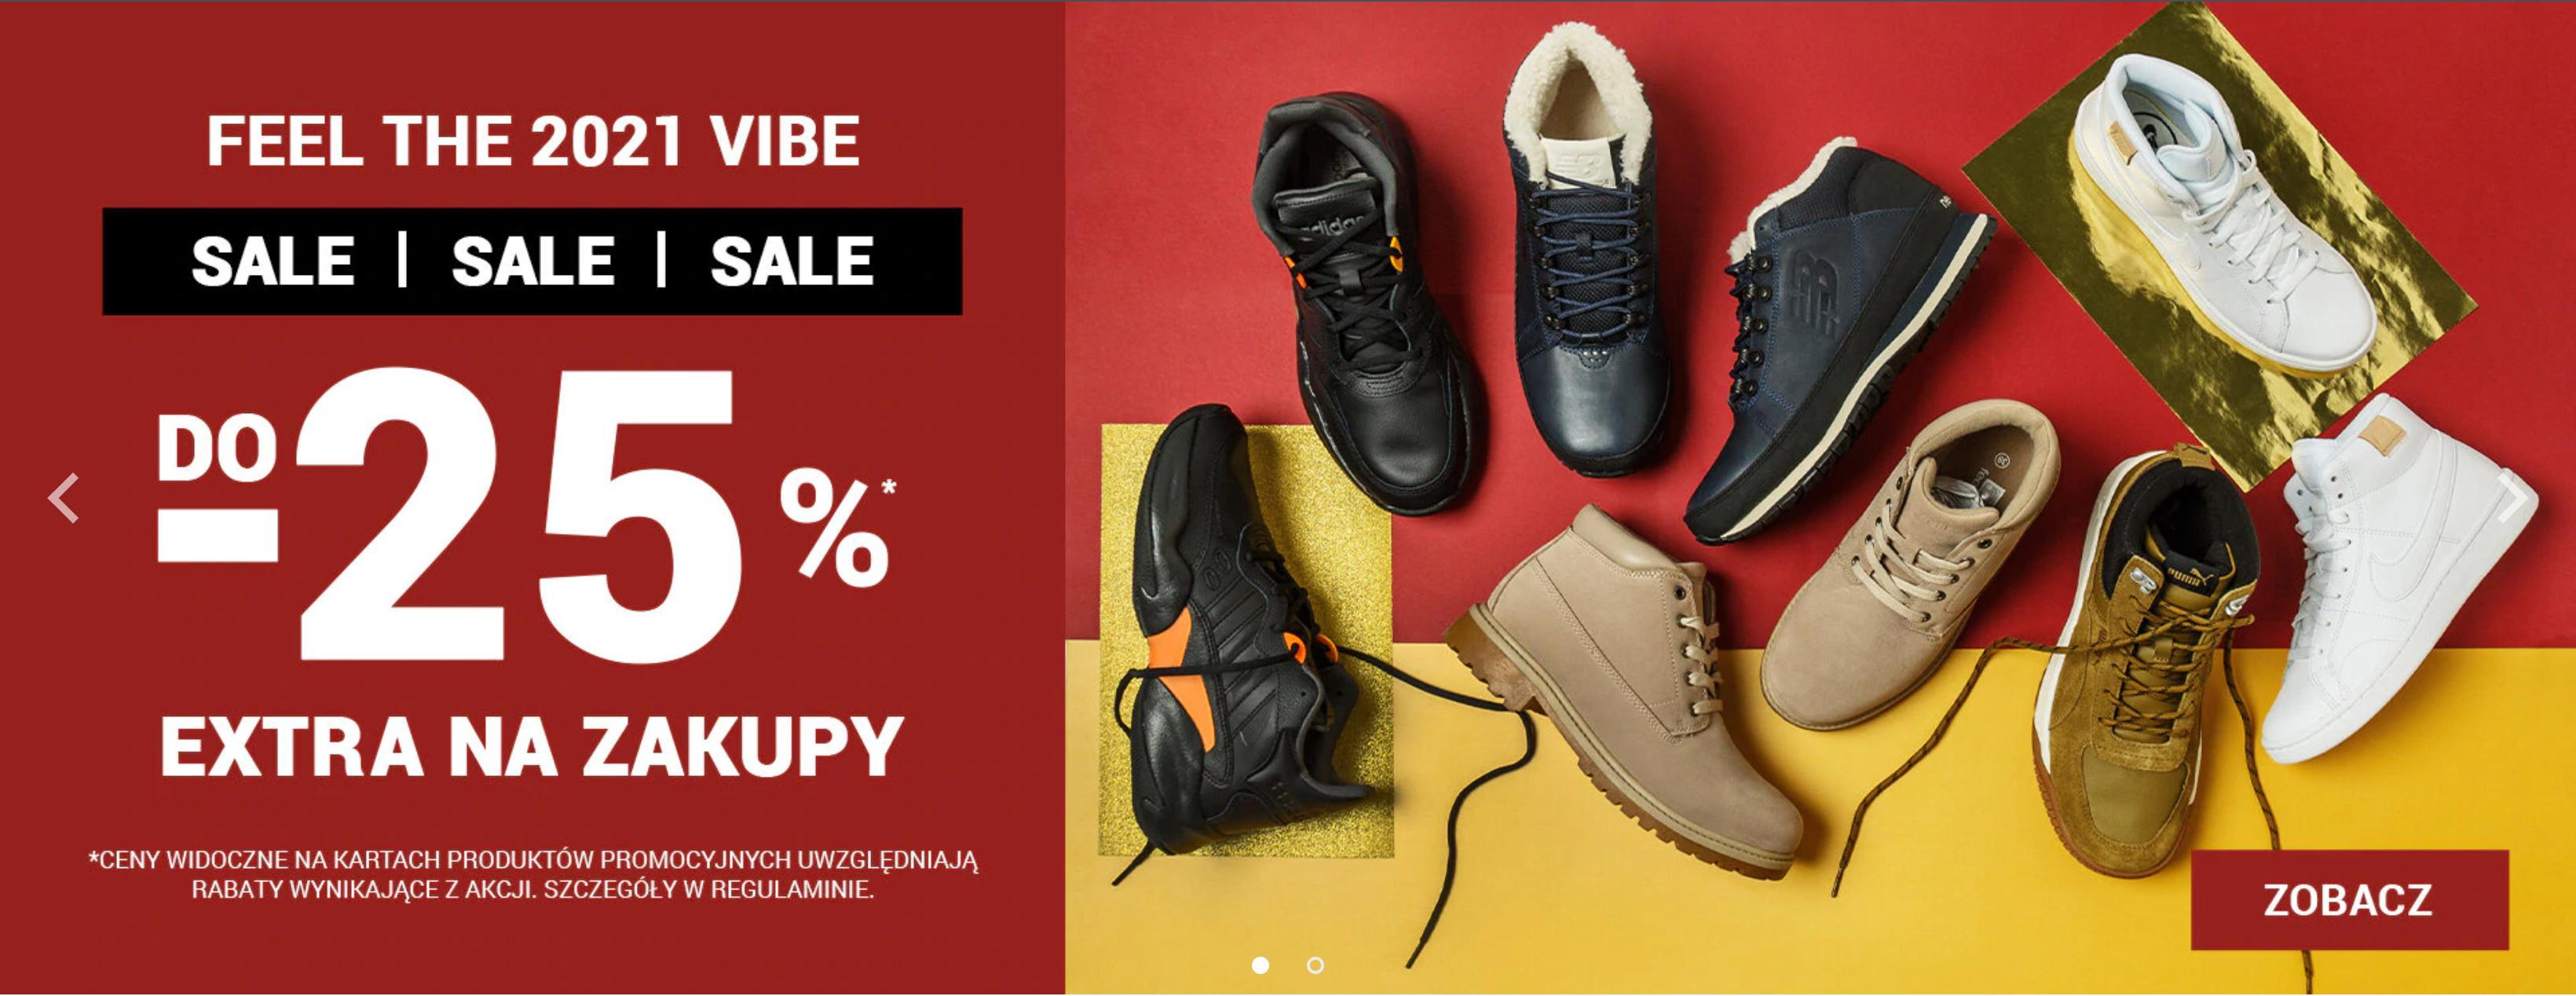 ButySportowe.pl: do 25% extra rabatu do wyprzedaży na znane marki, takie jak Adidas, Nike, Reebok, Puma, Fila, Vans